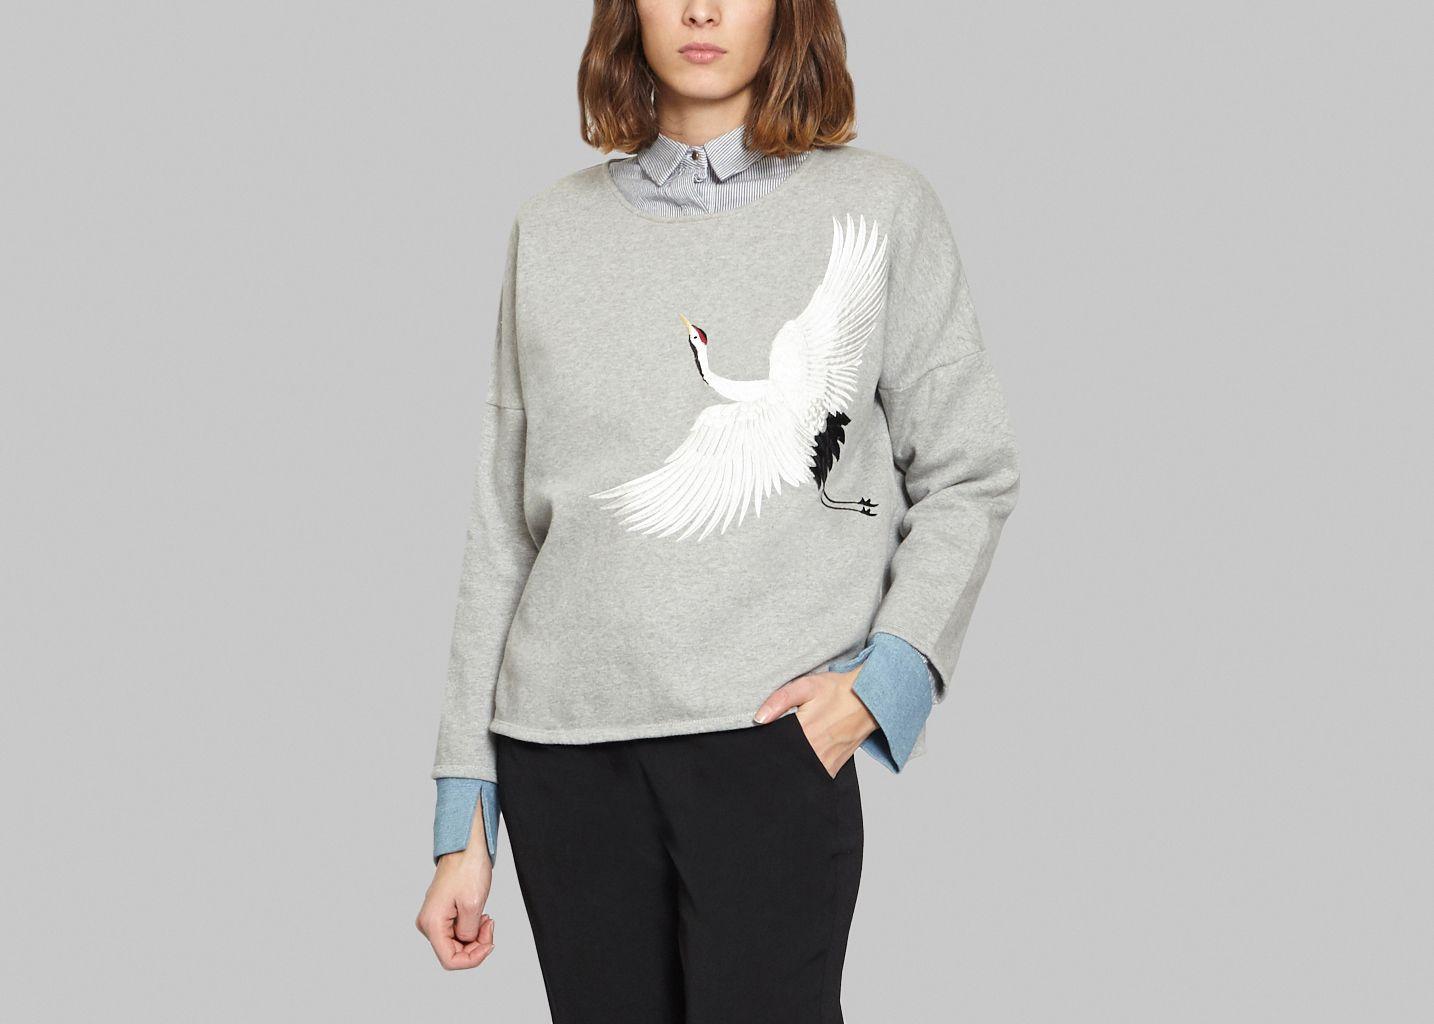 Sweatshirt Santiago - Valentine Gauthier